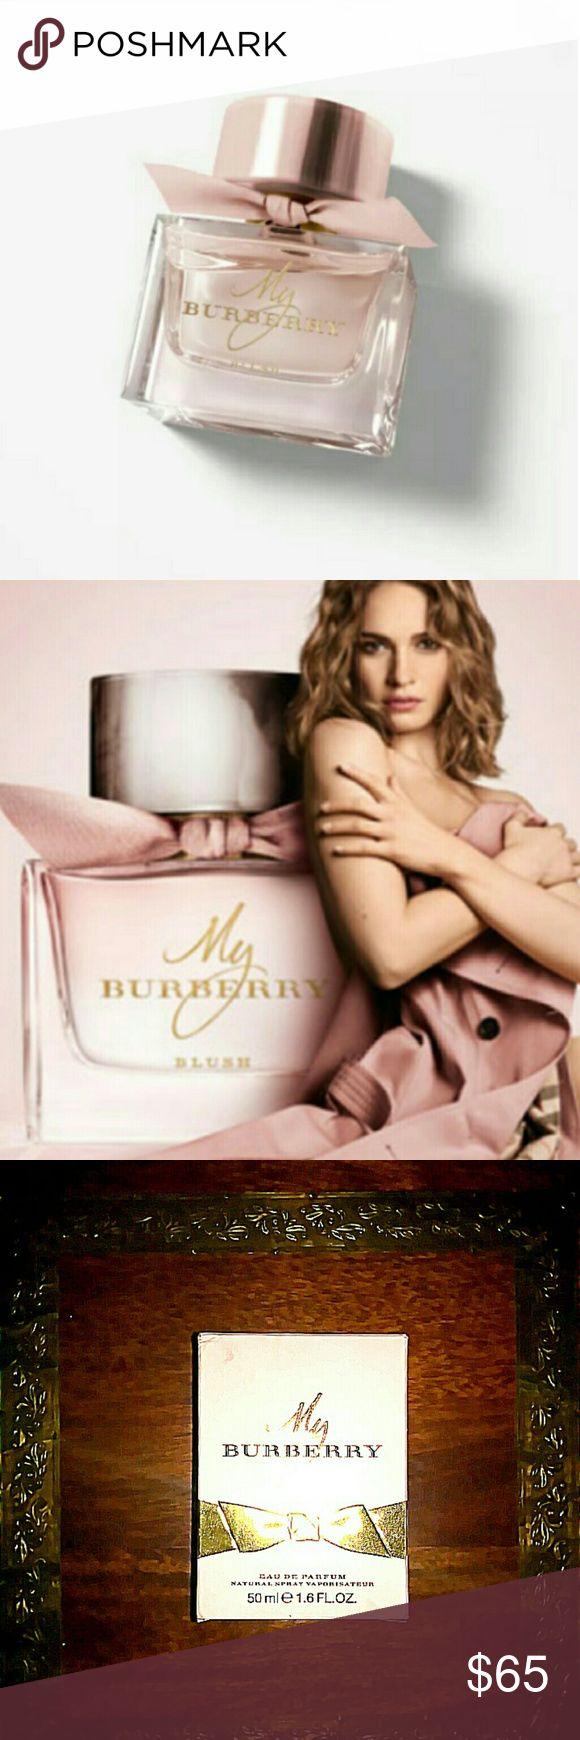 My Burberry Blush Eau De Parfum 50ml 1.6 FL.OZ My Burberry Blush Eau De Parfum 50ml 1.6 FL.OZ new in box sprayed once Burberry Makeup